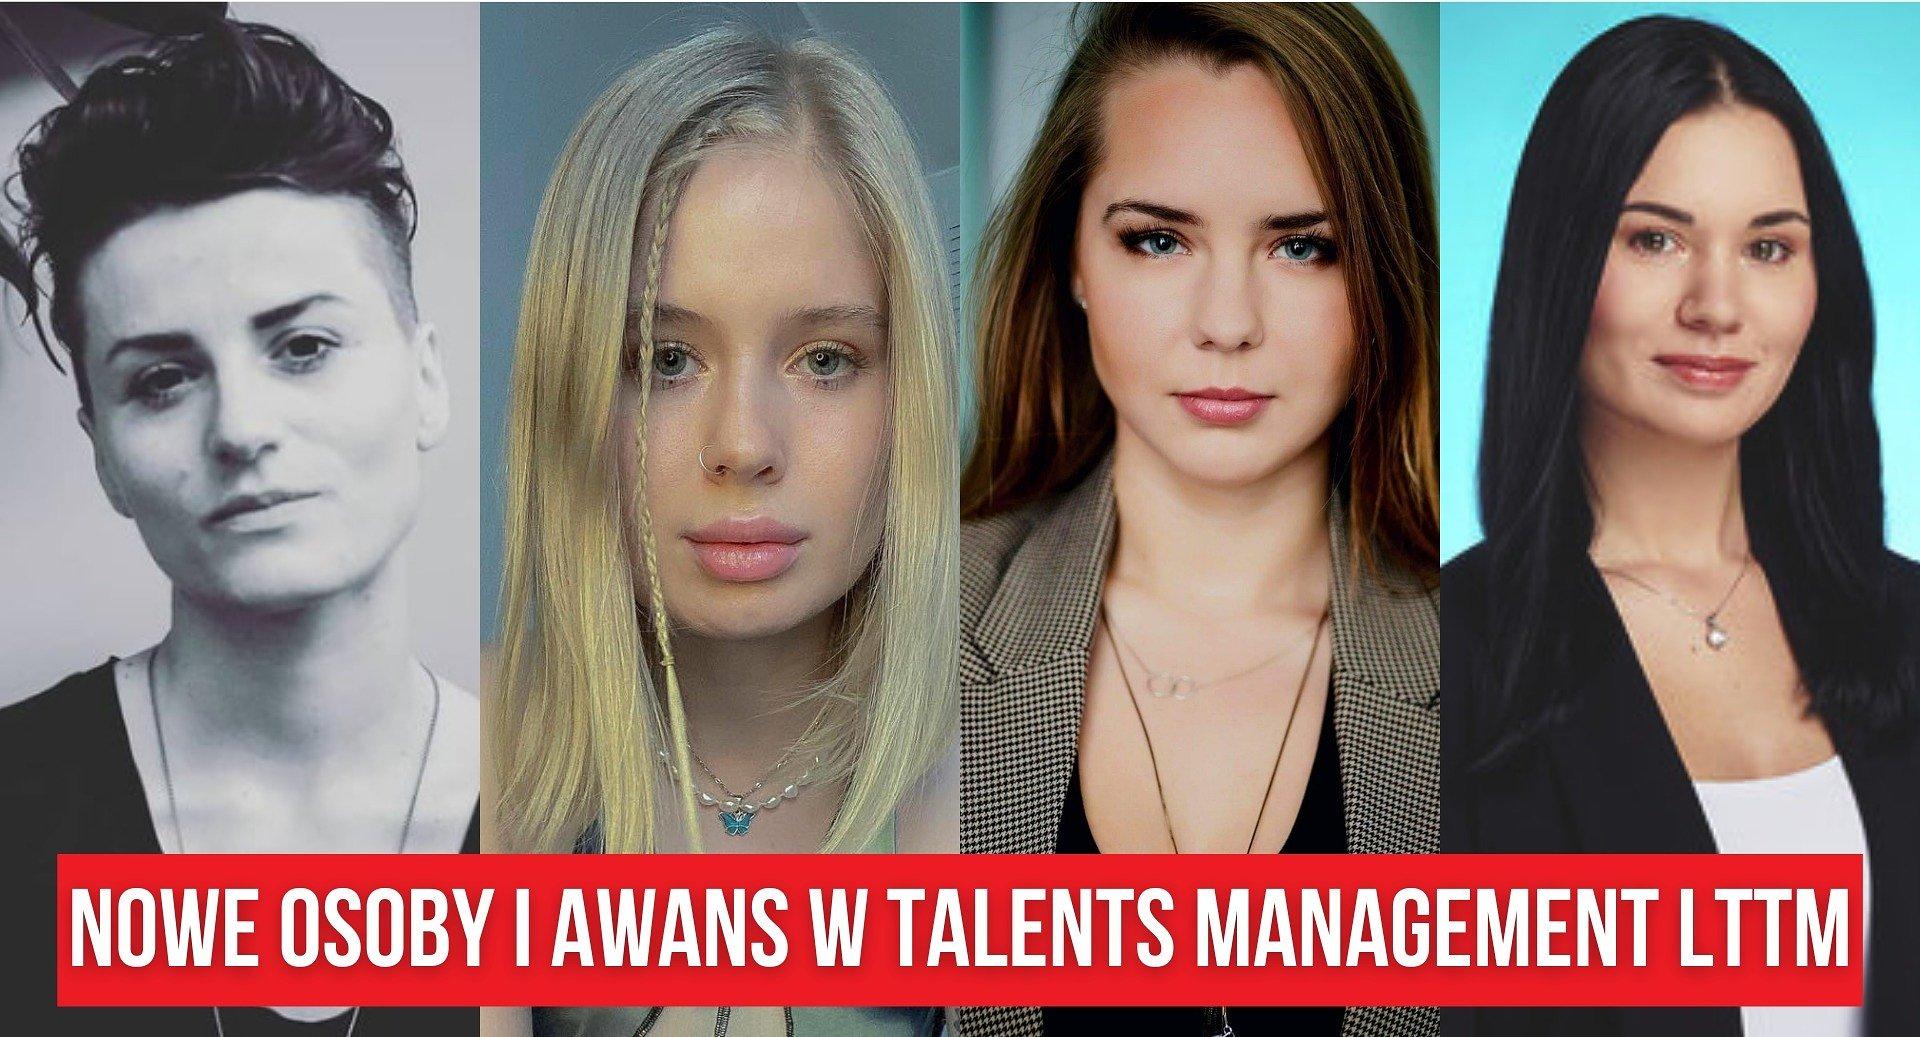 Nowe osoby i awans w zespole Talents Management sieci partnerskiej LifeTube i Glow by LifeTube (grupa LTTM)